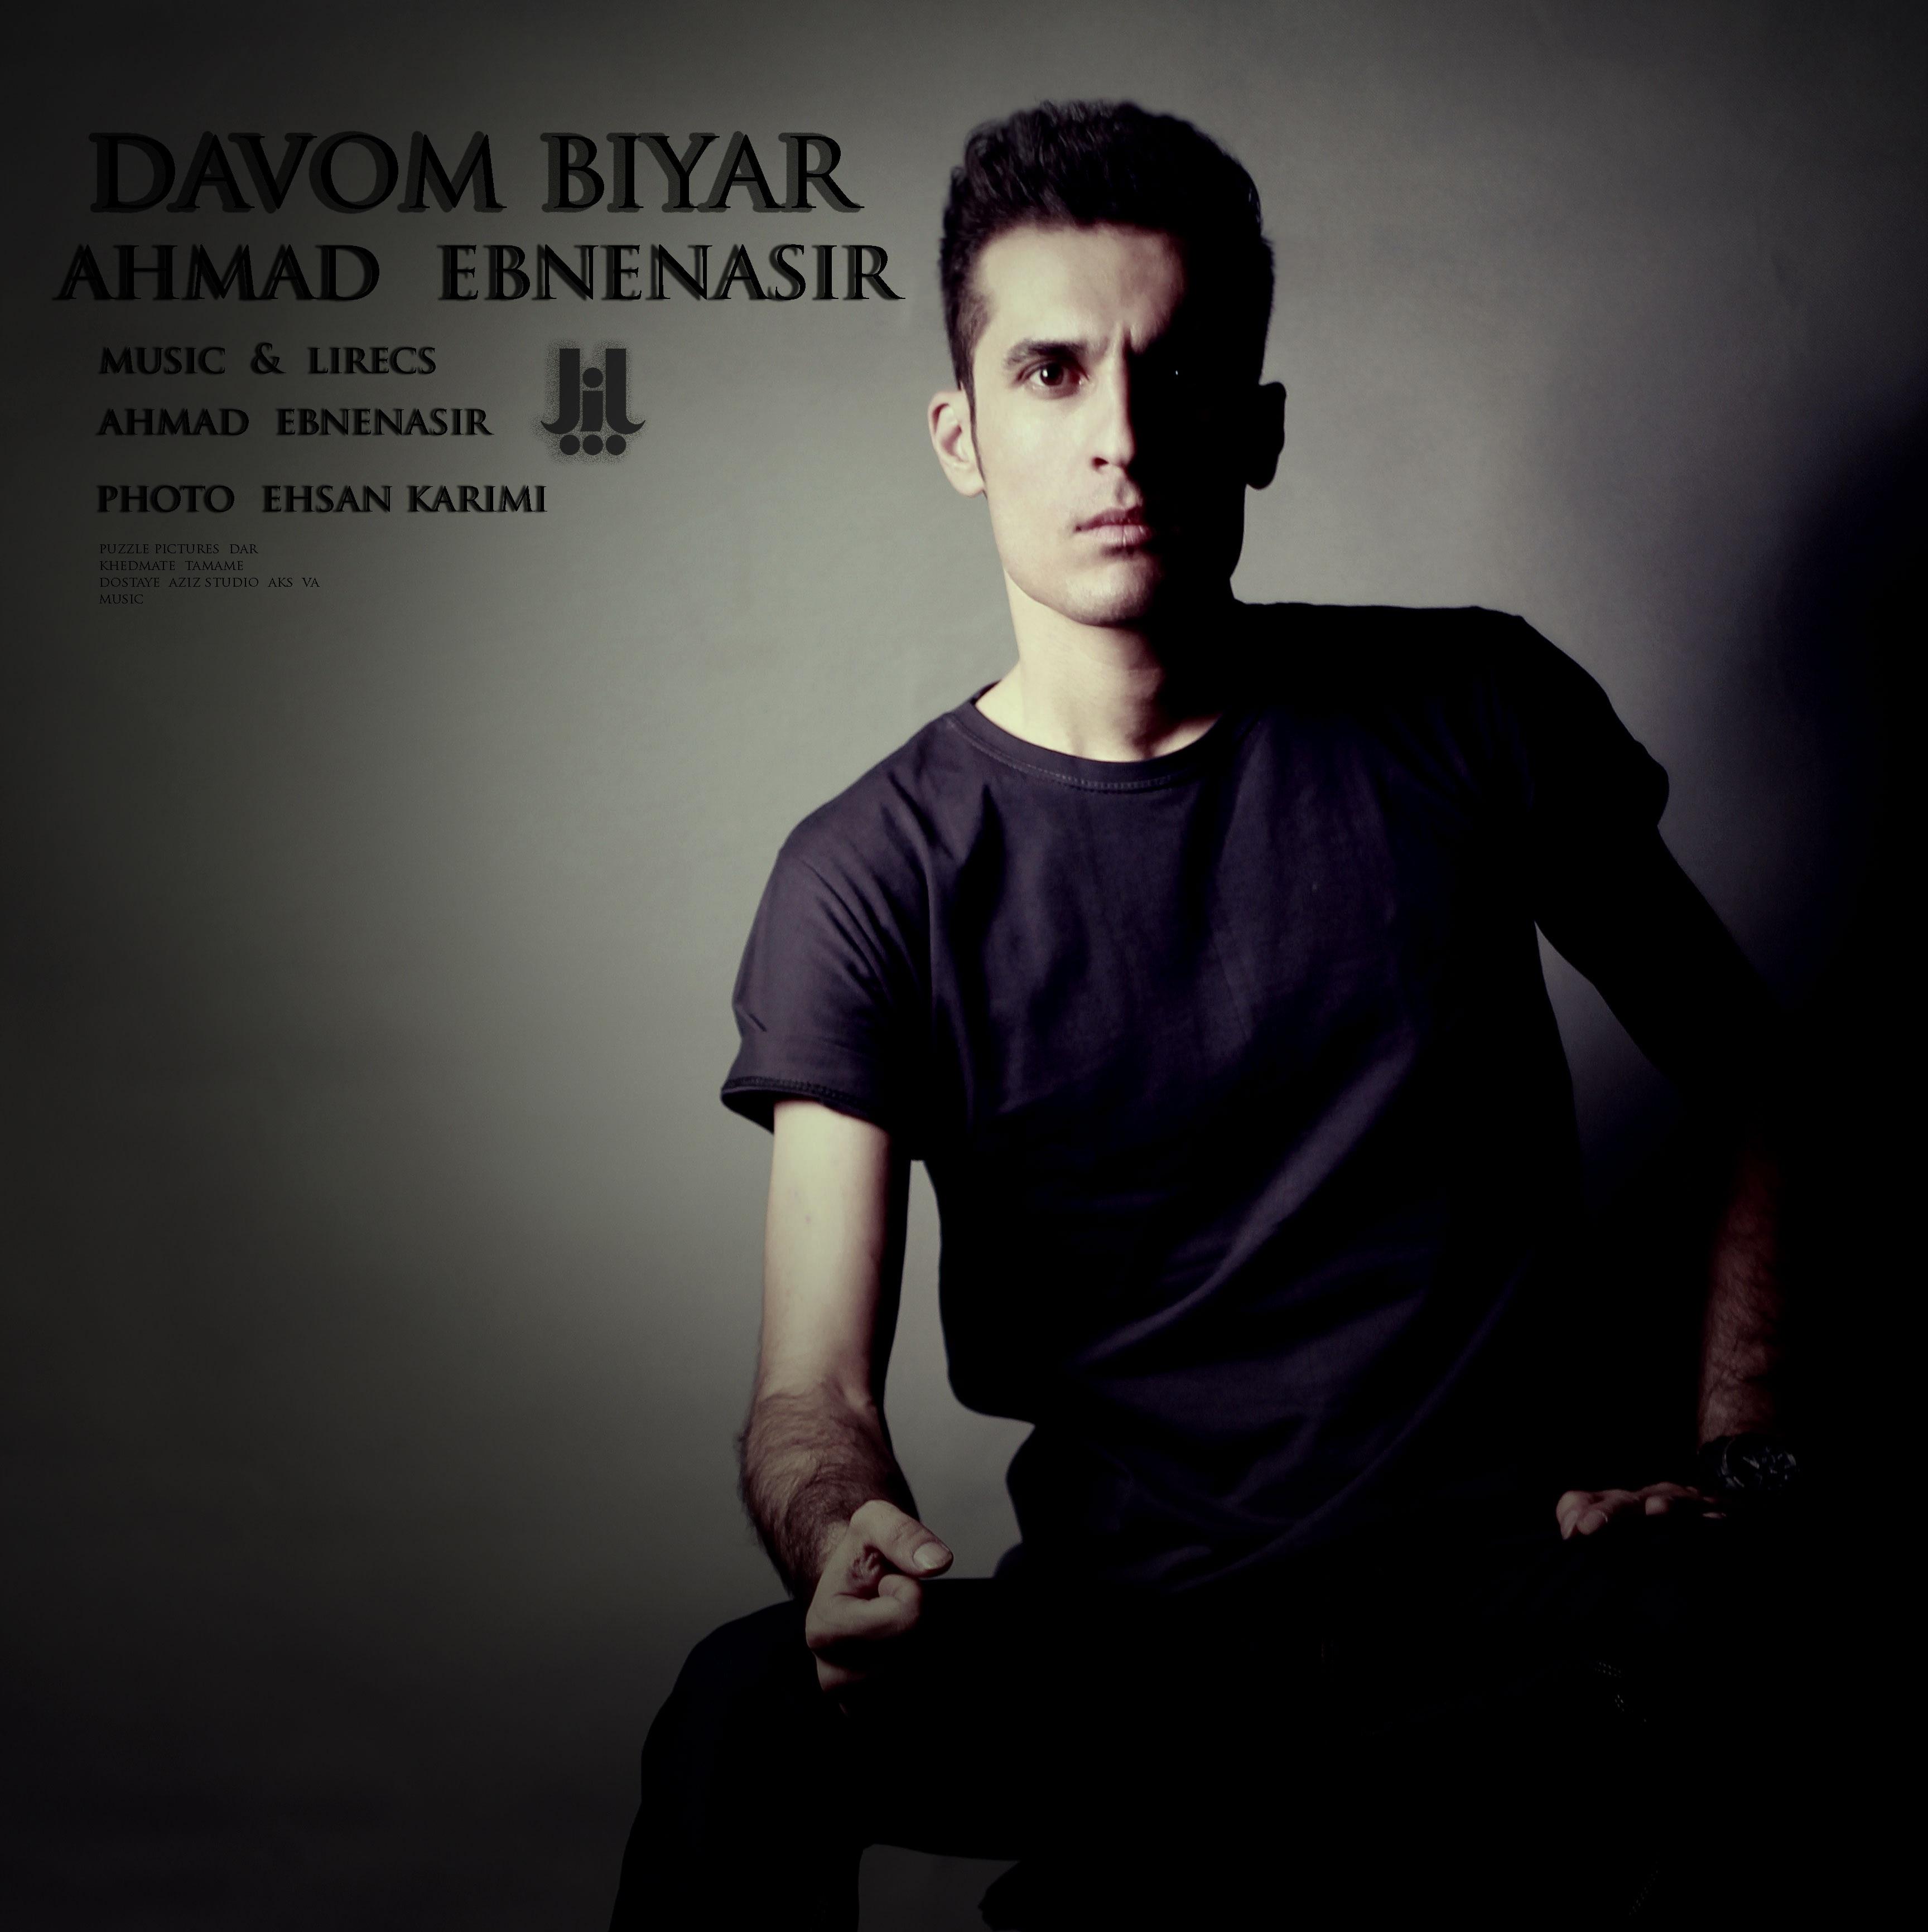 Ahmad Ebnenasir – Davom Biyar